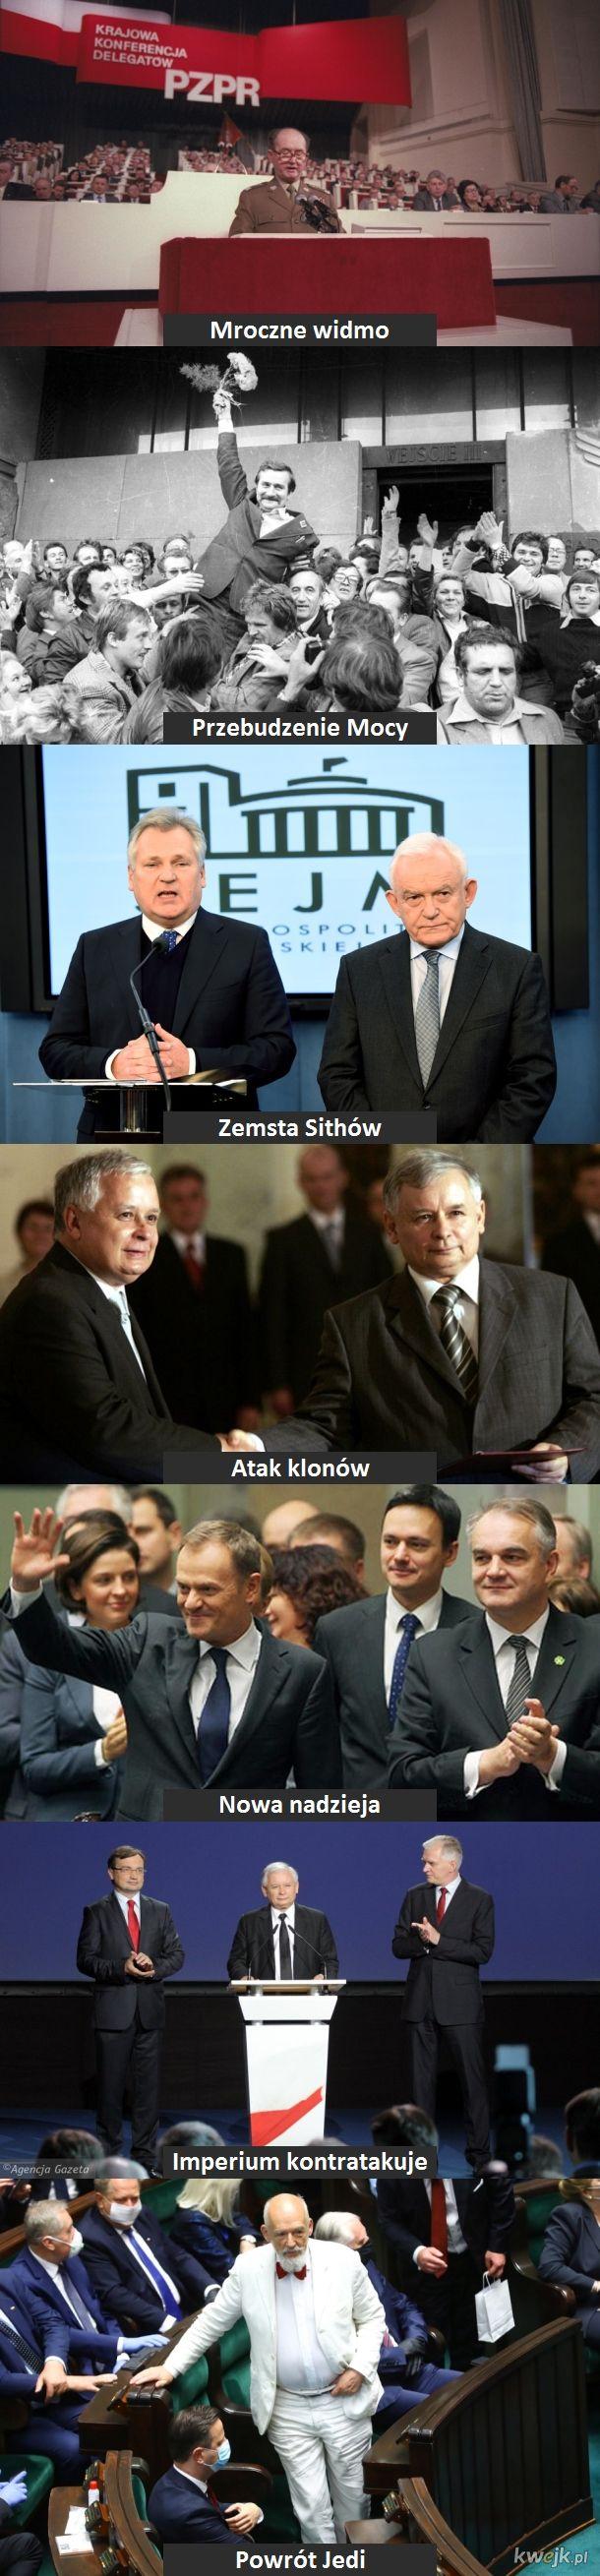 Najnowsza historia Polski jako filmy Star Wars